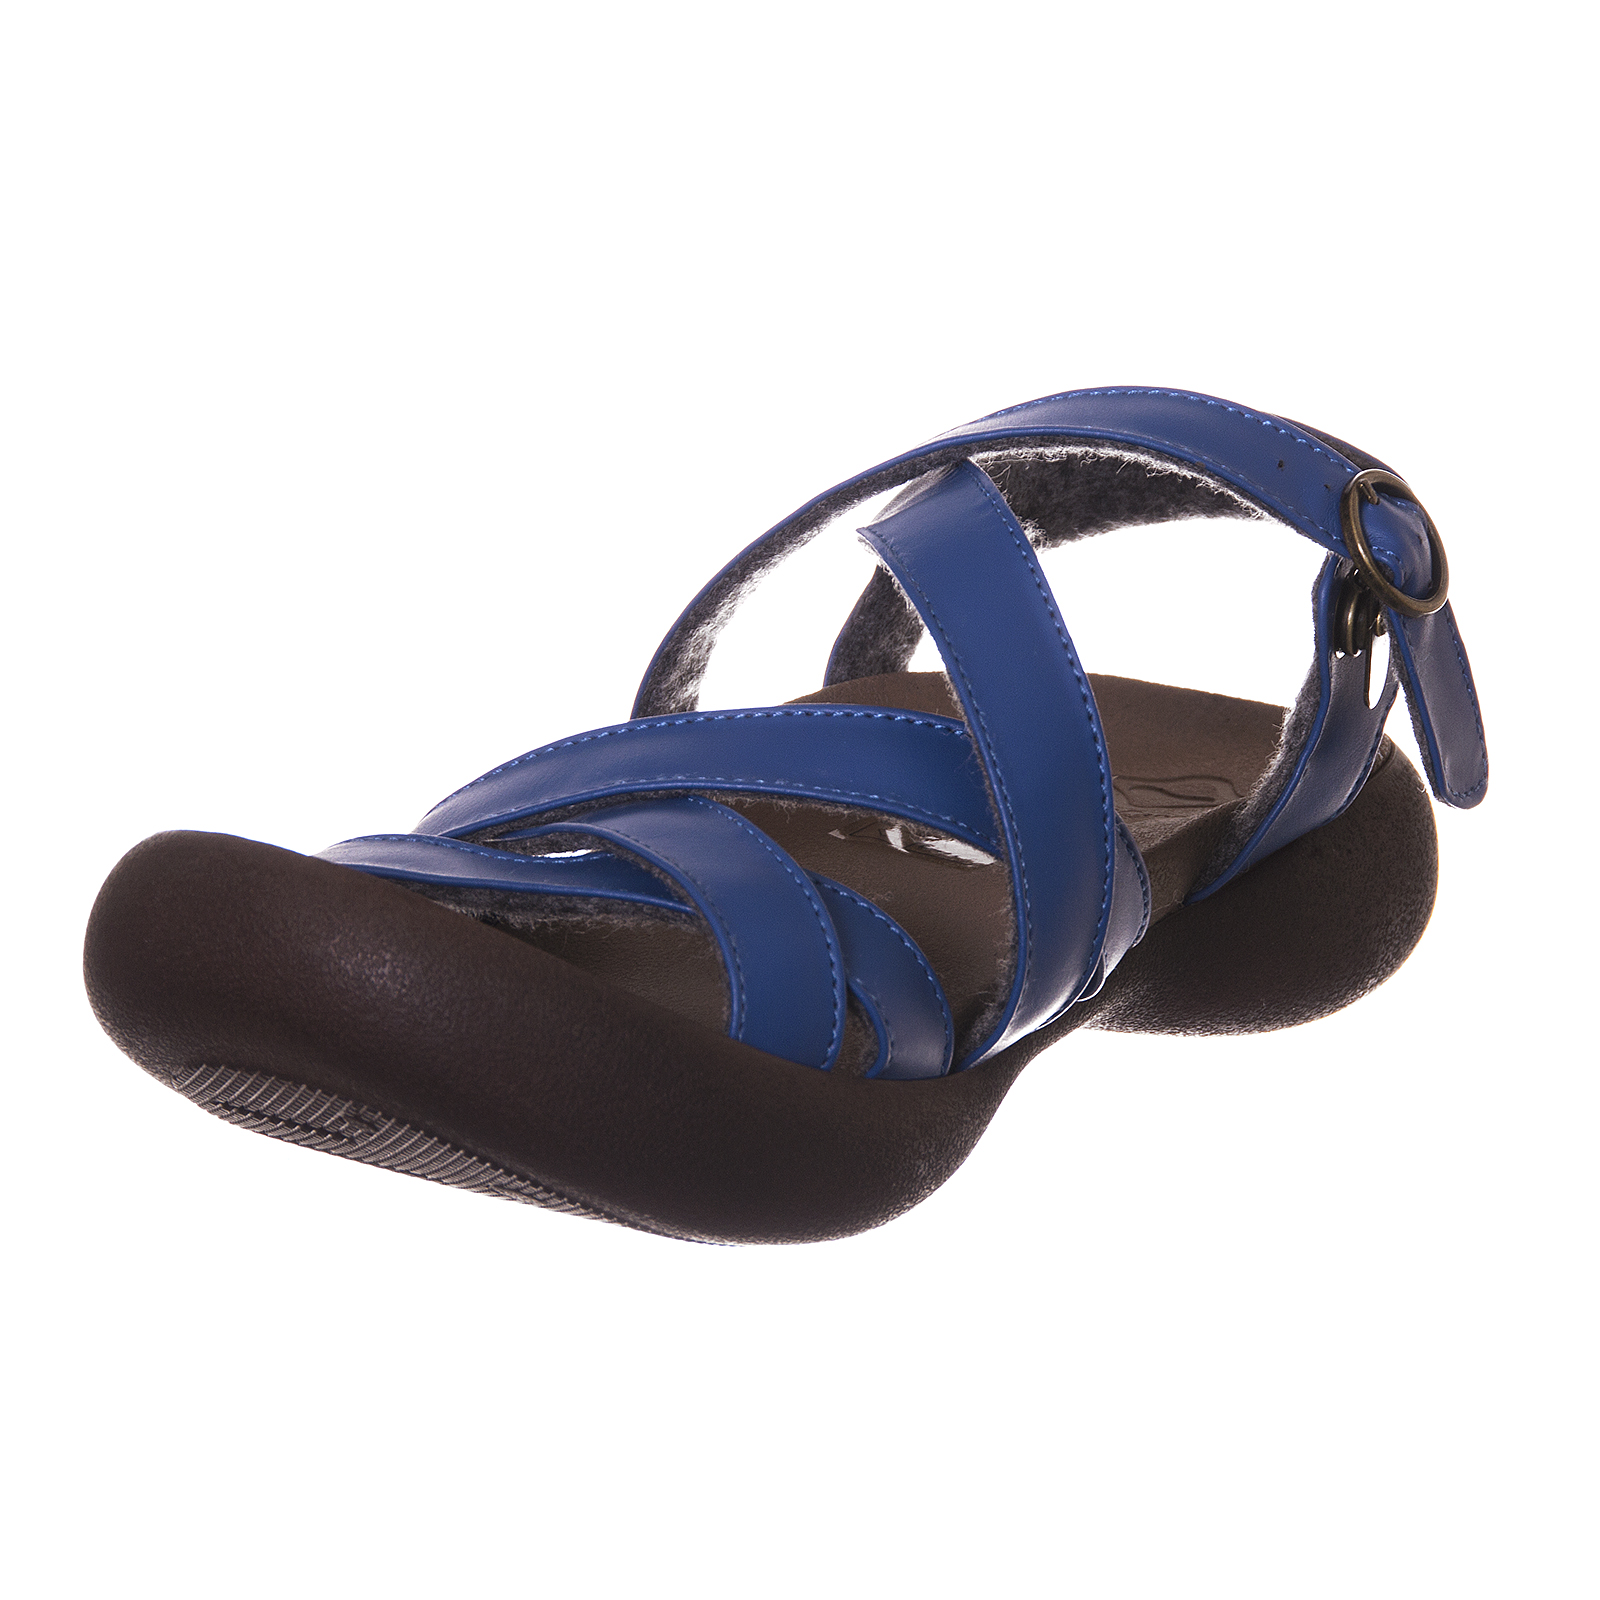 Arum Field Blue W Canoe Regetta wqtORR